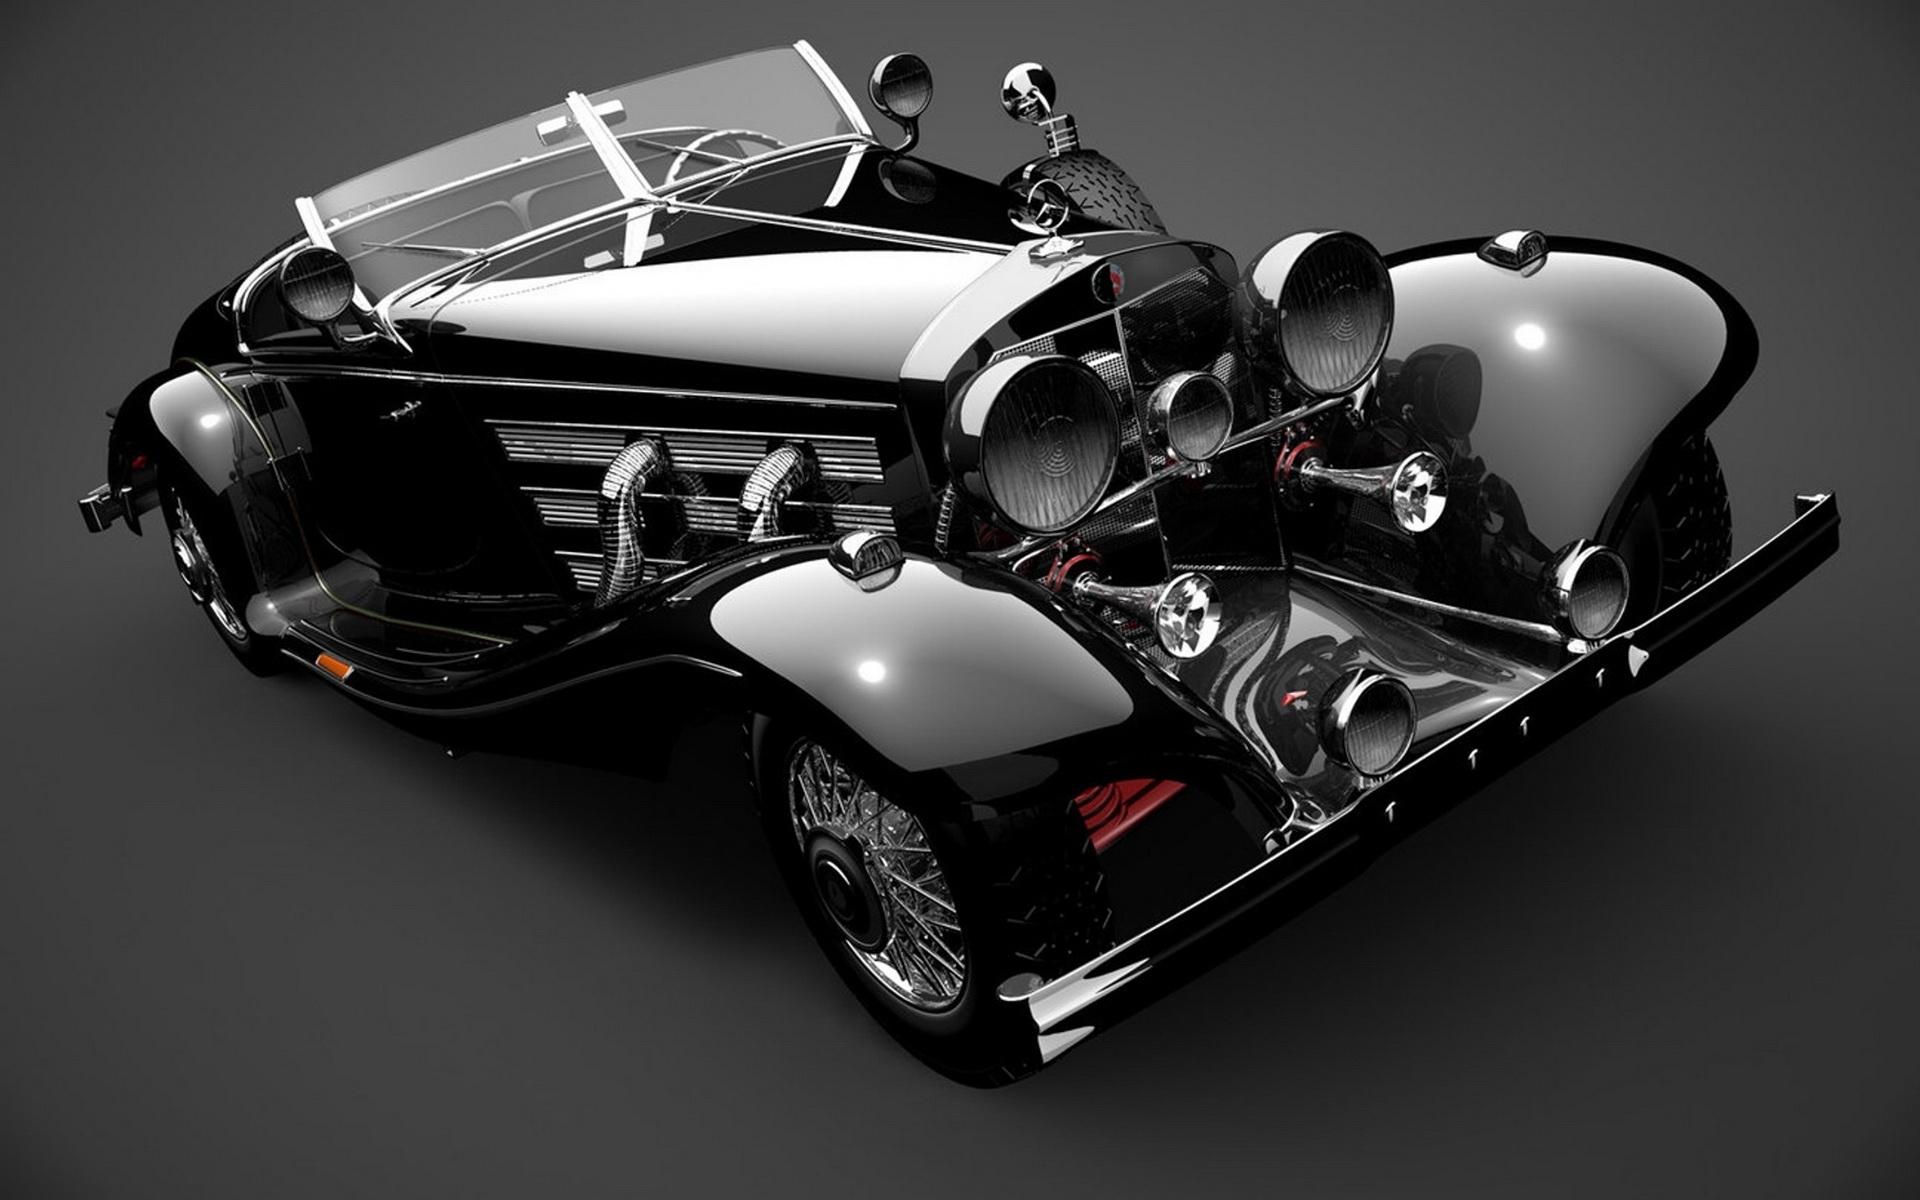 40135 скачать обои Транспорт, Машины, Мерседес (Mercedes) - заставки и картинки бесплатно